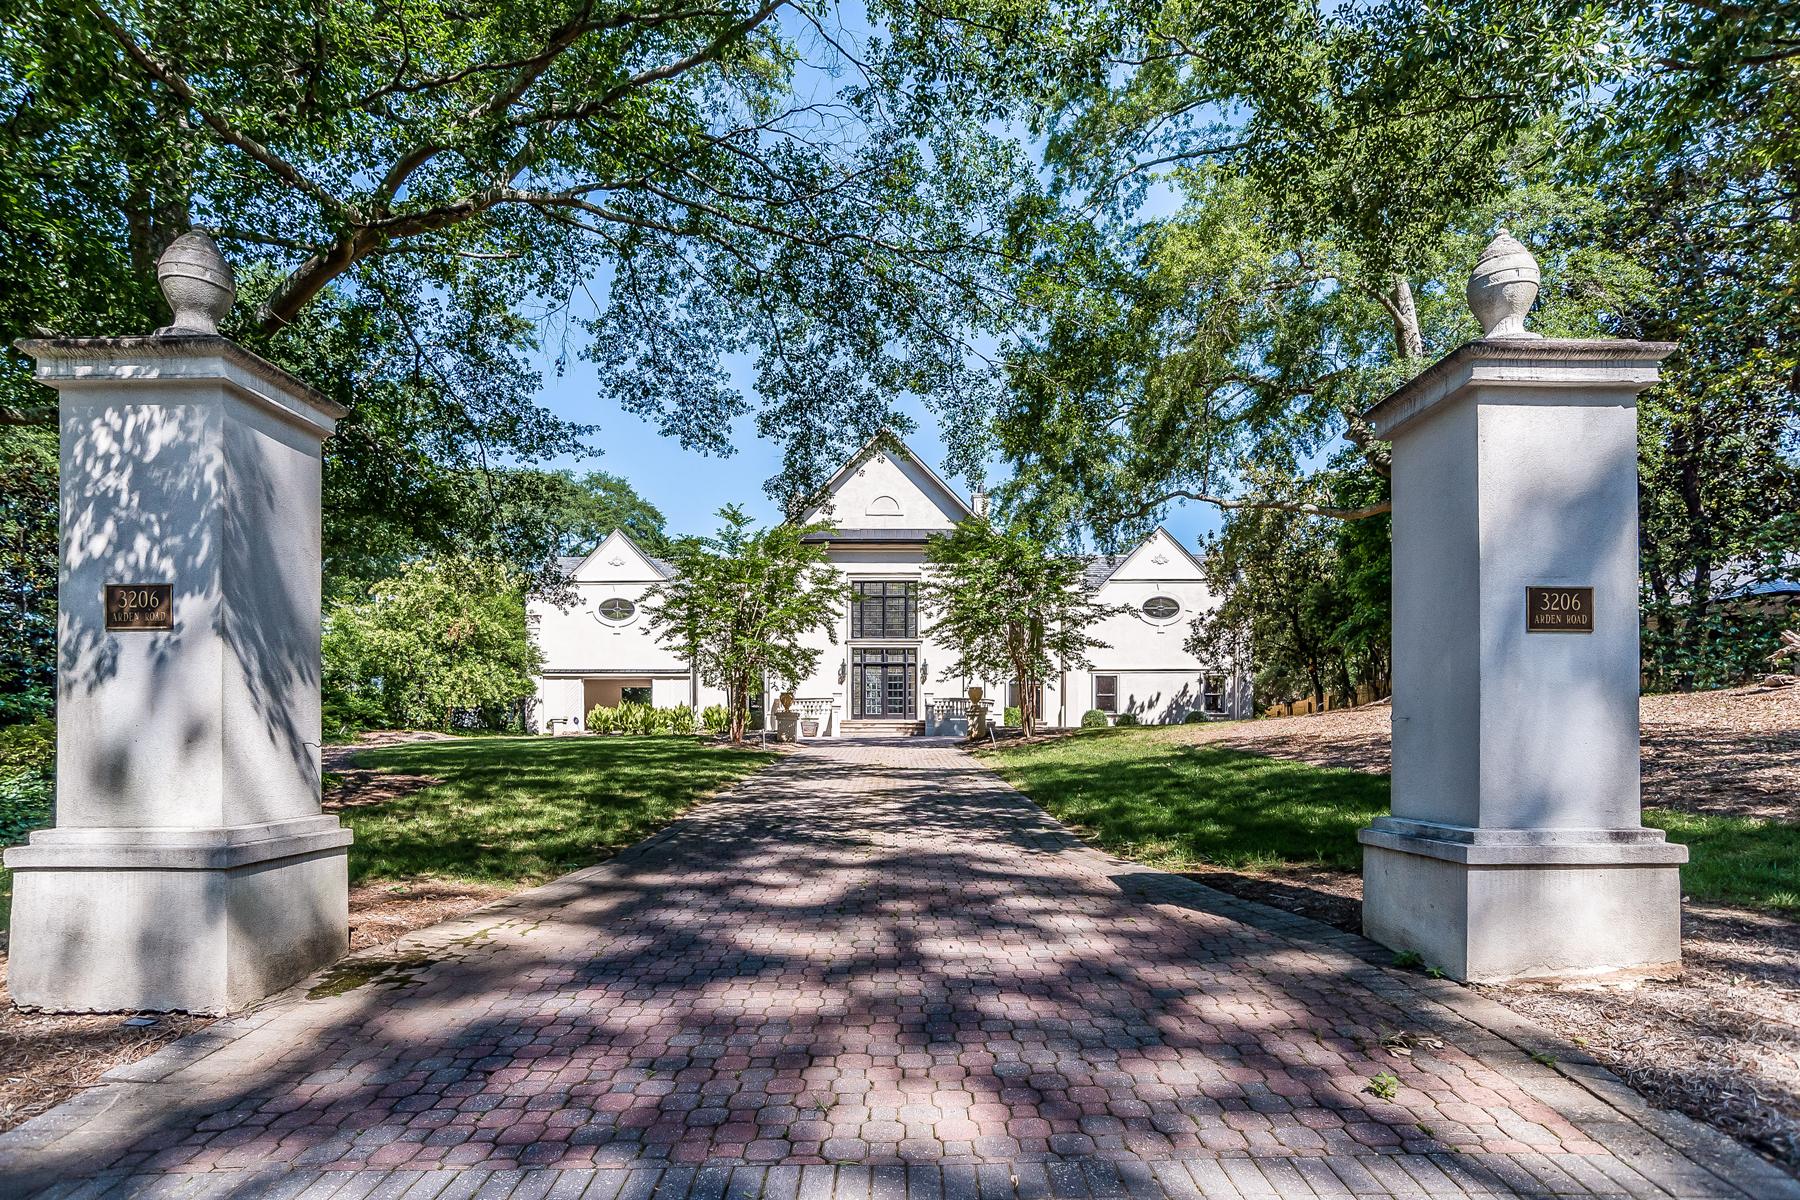 Maison unifamiliale pour l Vente à Lender Owned Buckhead Estate 3206 Arden Road NW Buckhead, Atlanta, Georgia, 30305 États-Unis